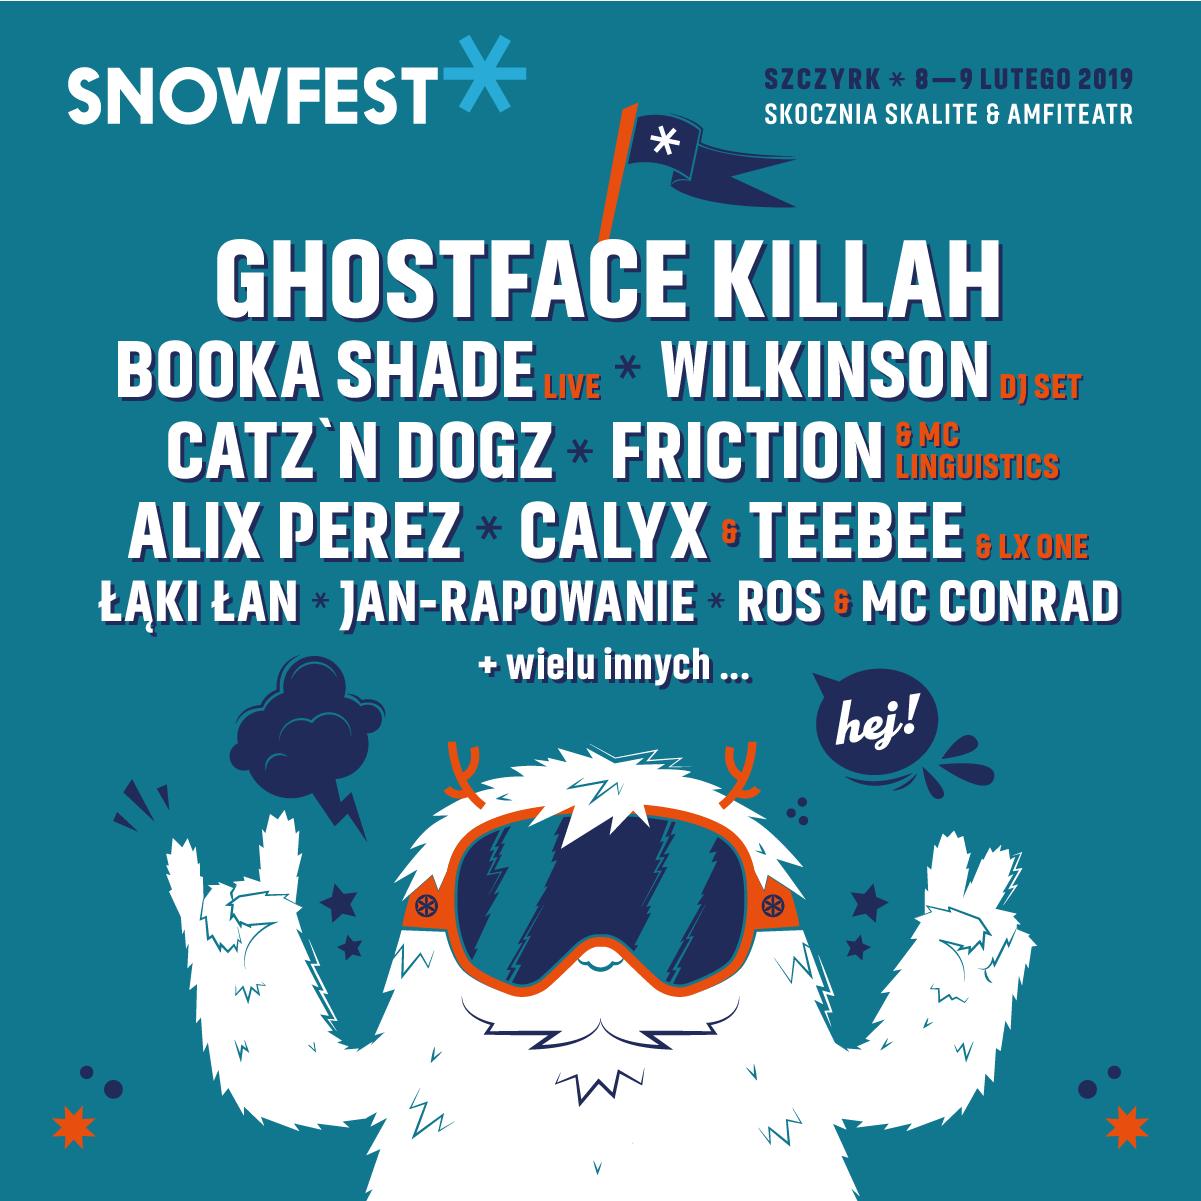 SnowFest 2019